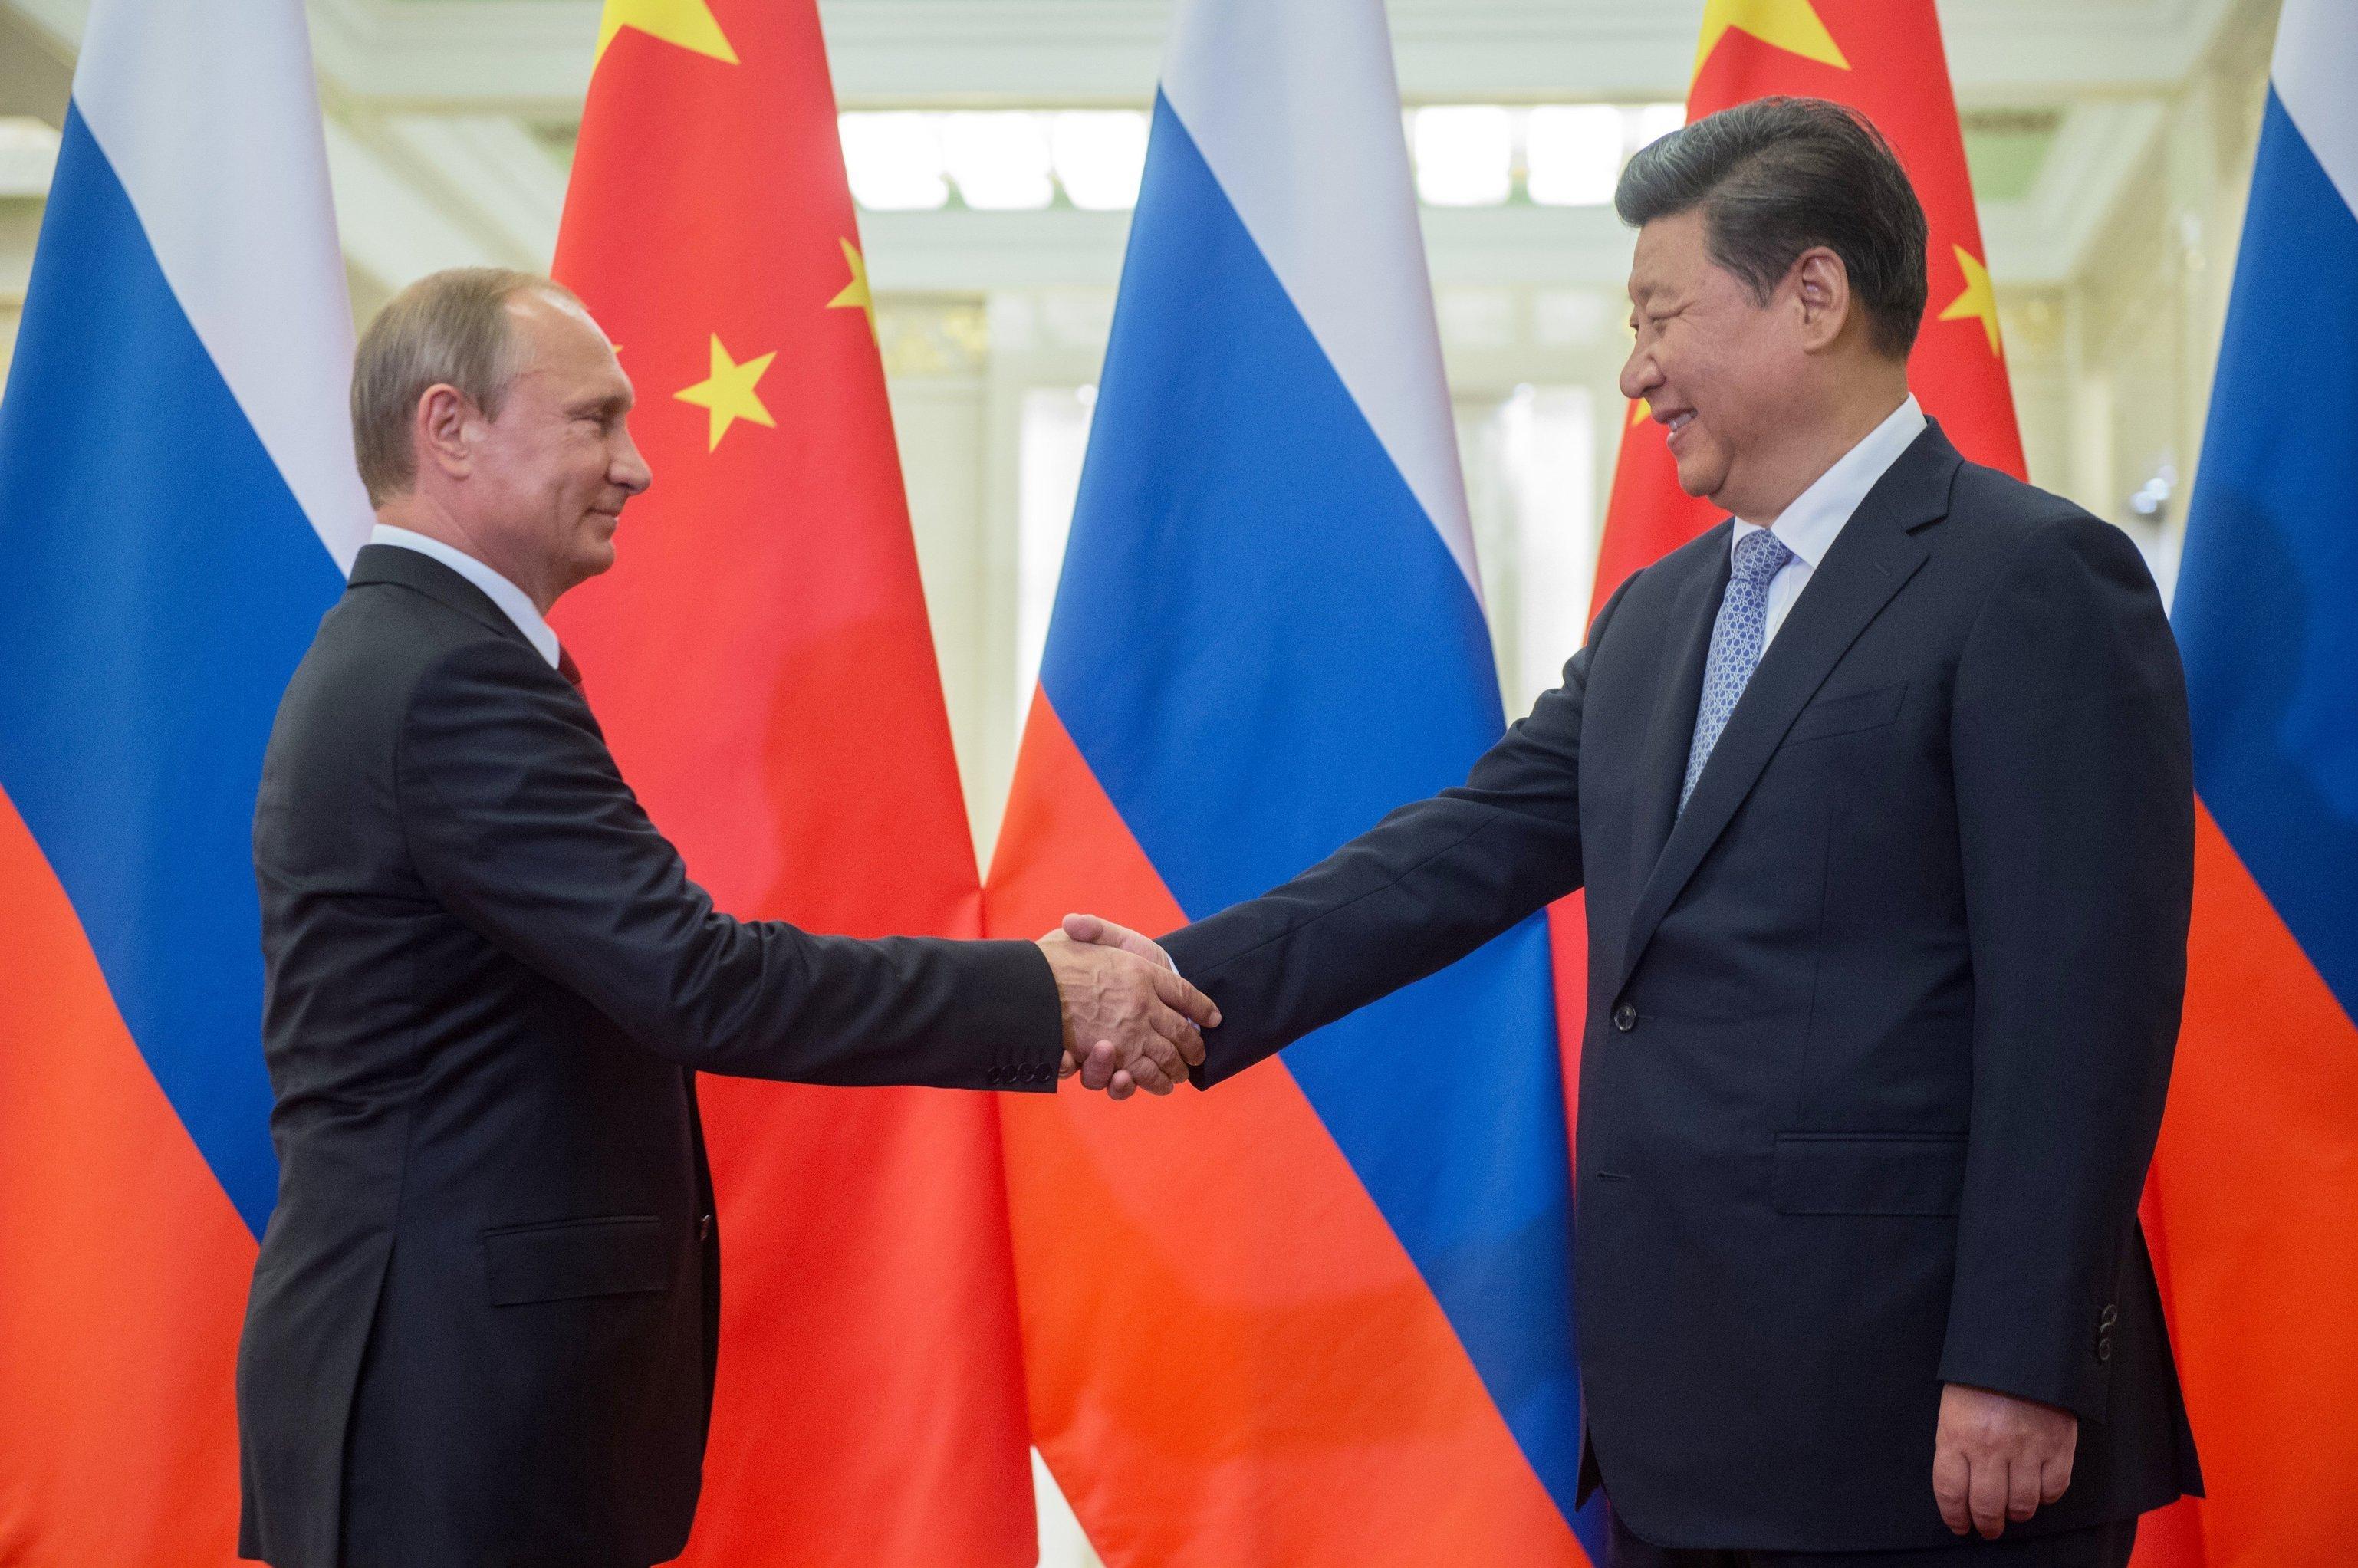 Vladimir Putin e Xi Jinpuing são vistos durante um encontro em Pequim em 3 de setembro de 2015